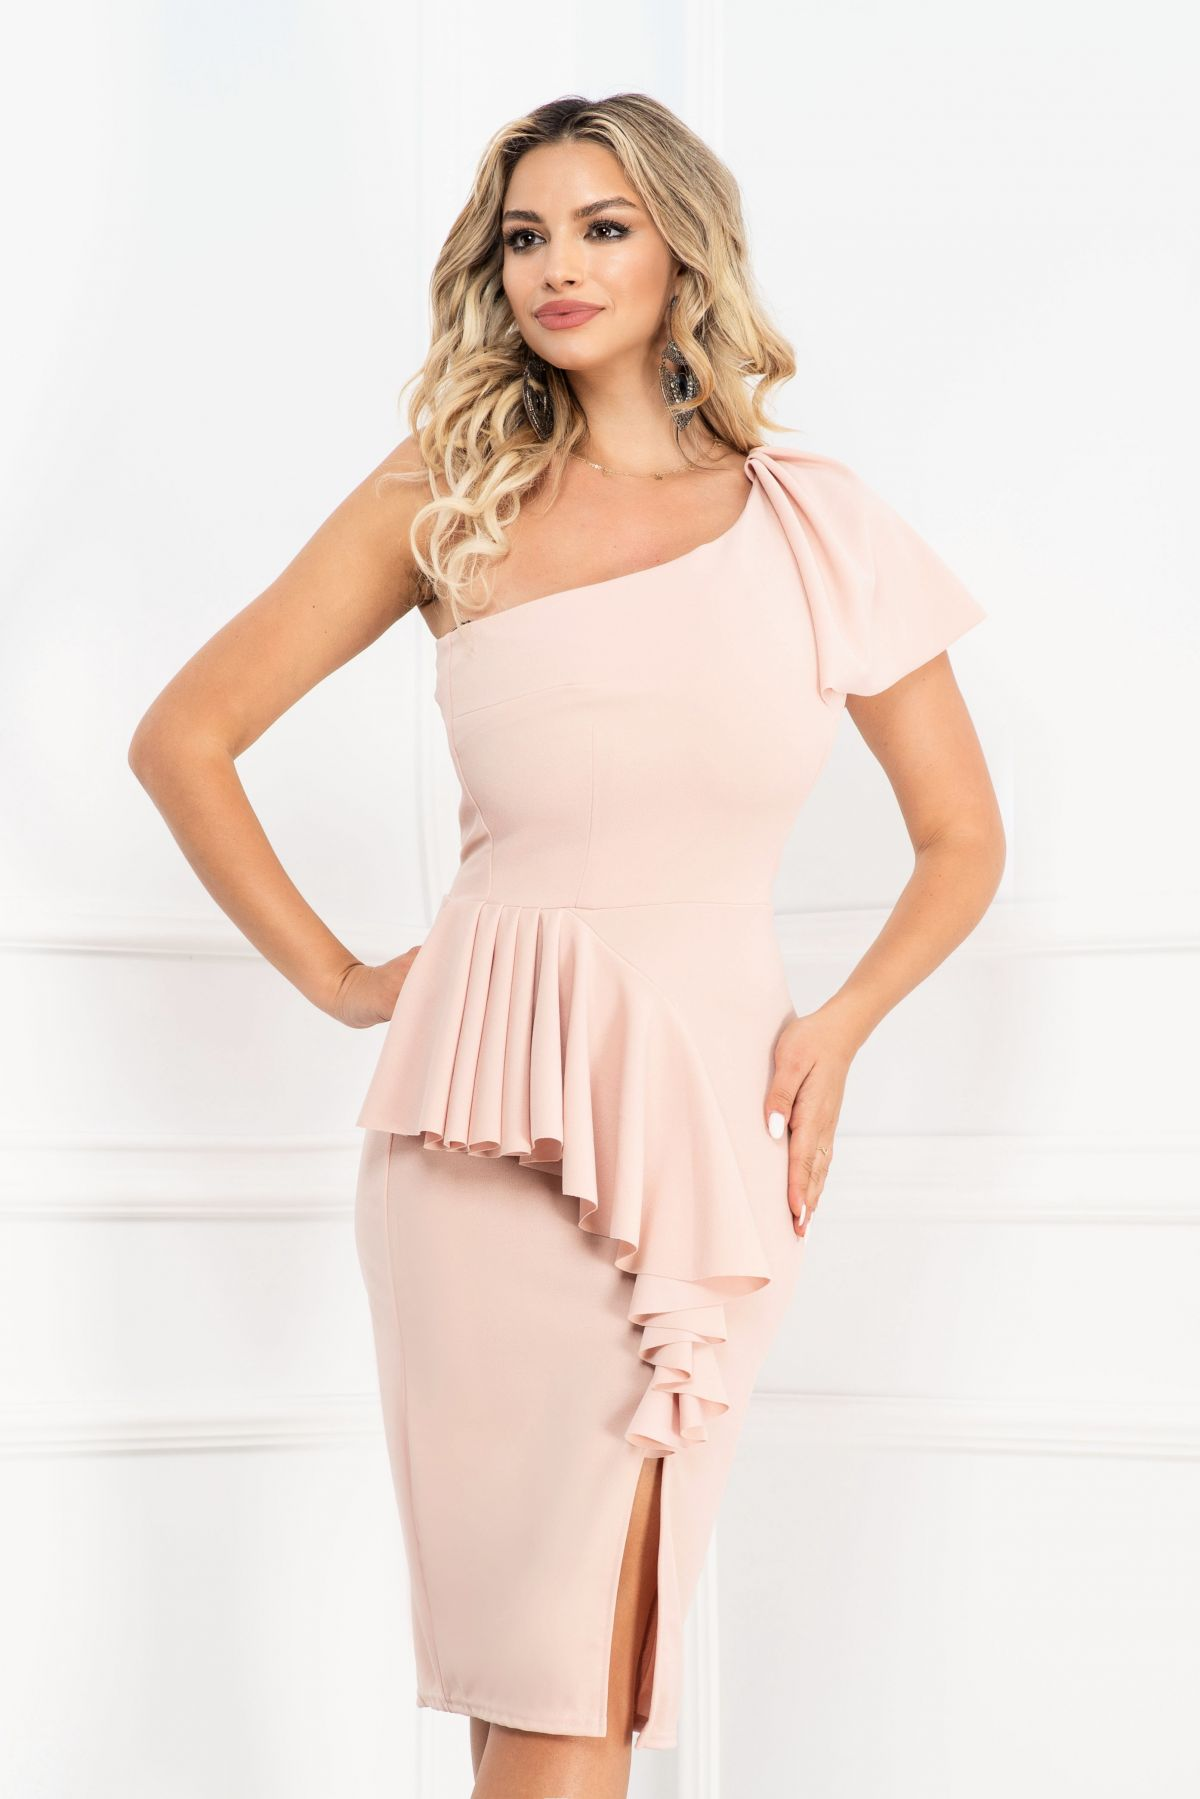 Rochie eleganta Luisa roz cu volane si un umar gol